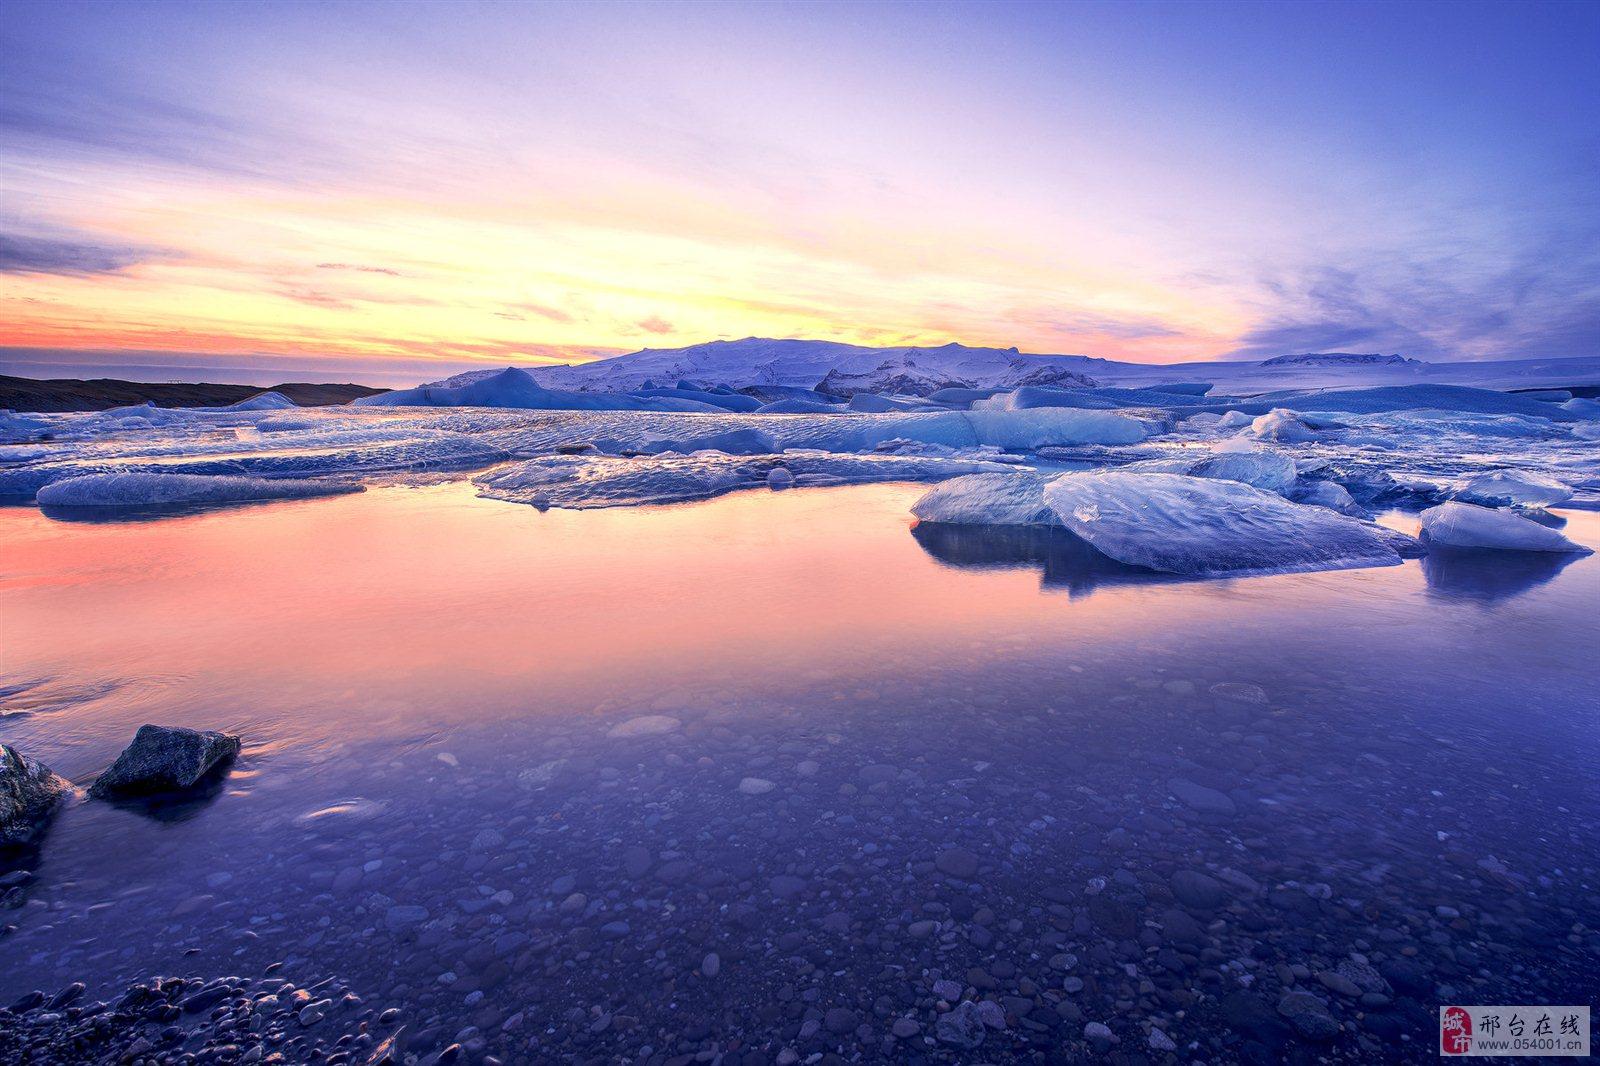 冰岛是个多火山国家,蓝湖就位于一座死火山上